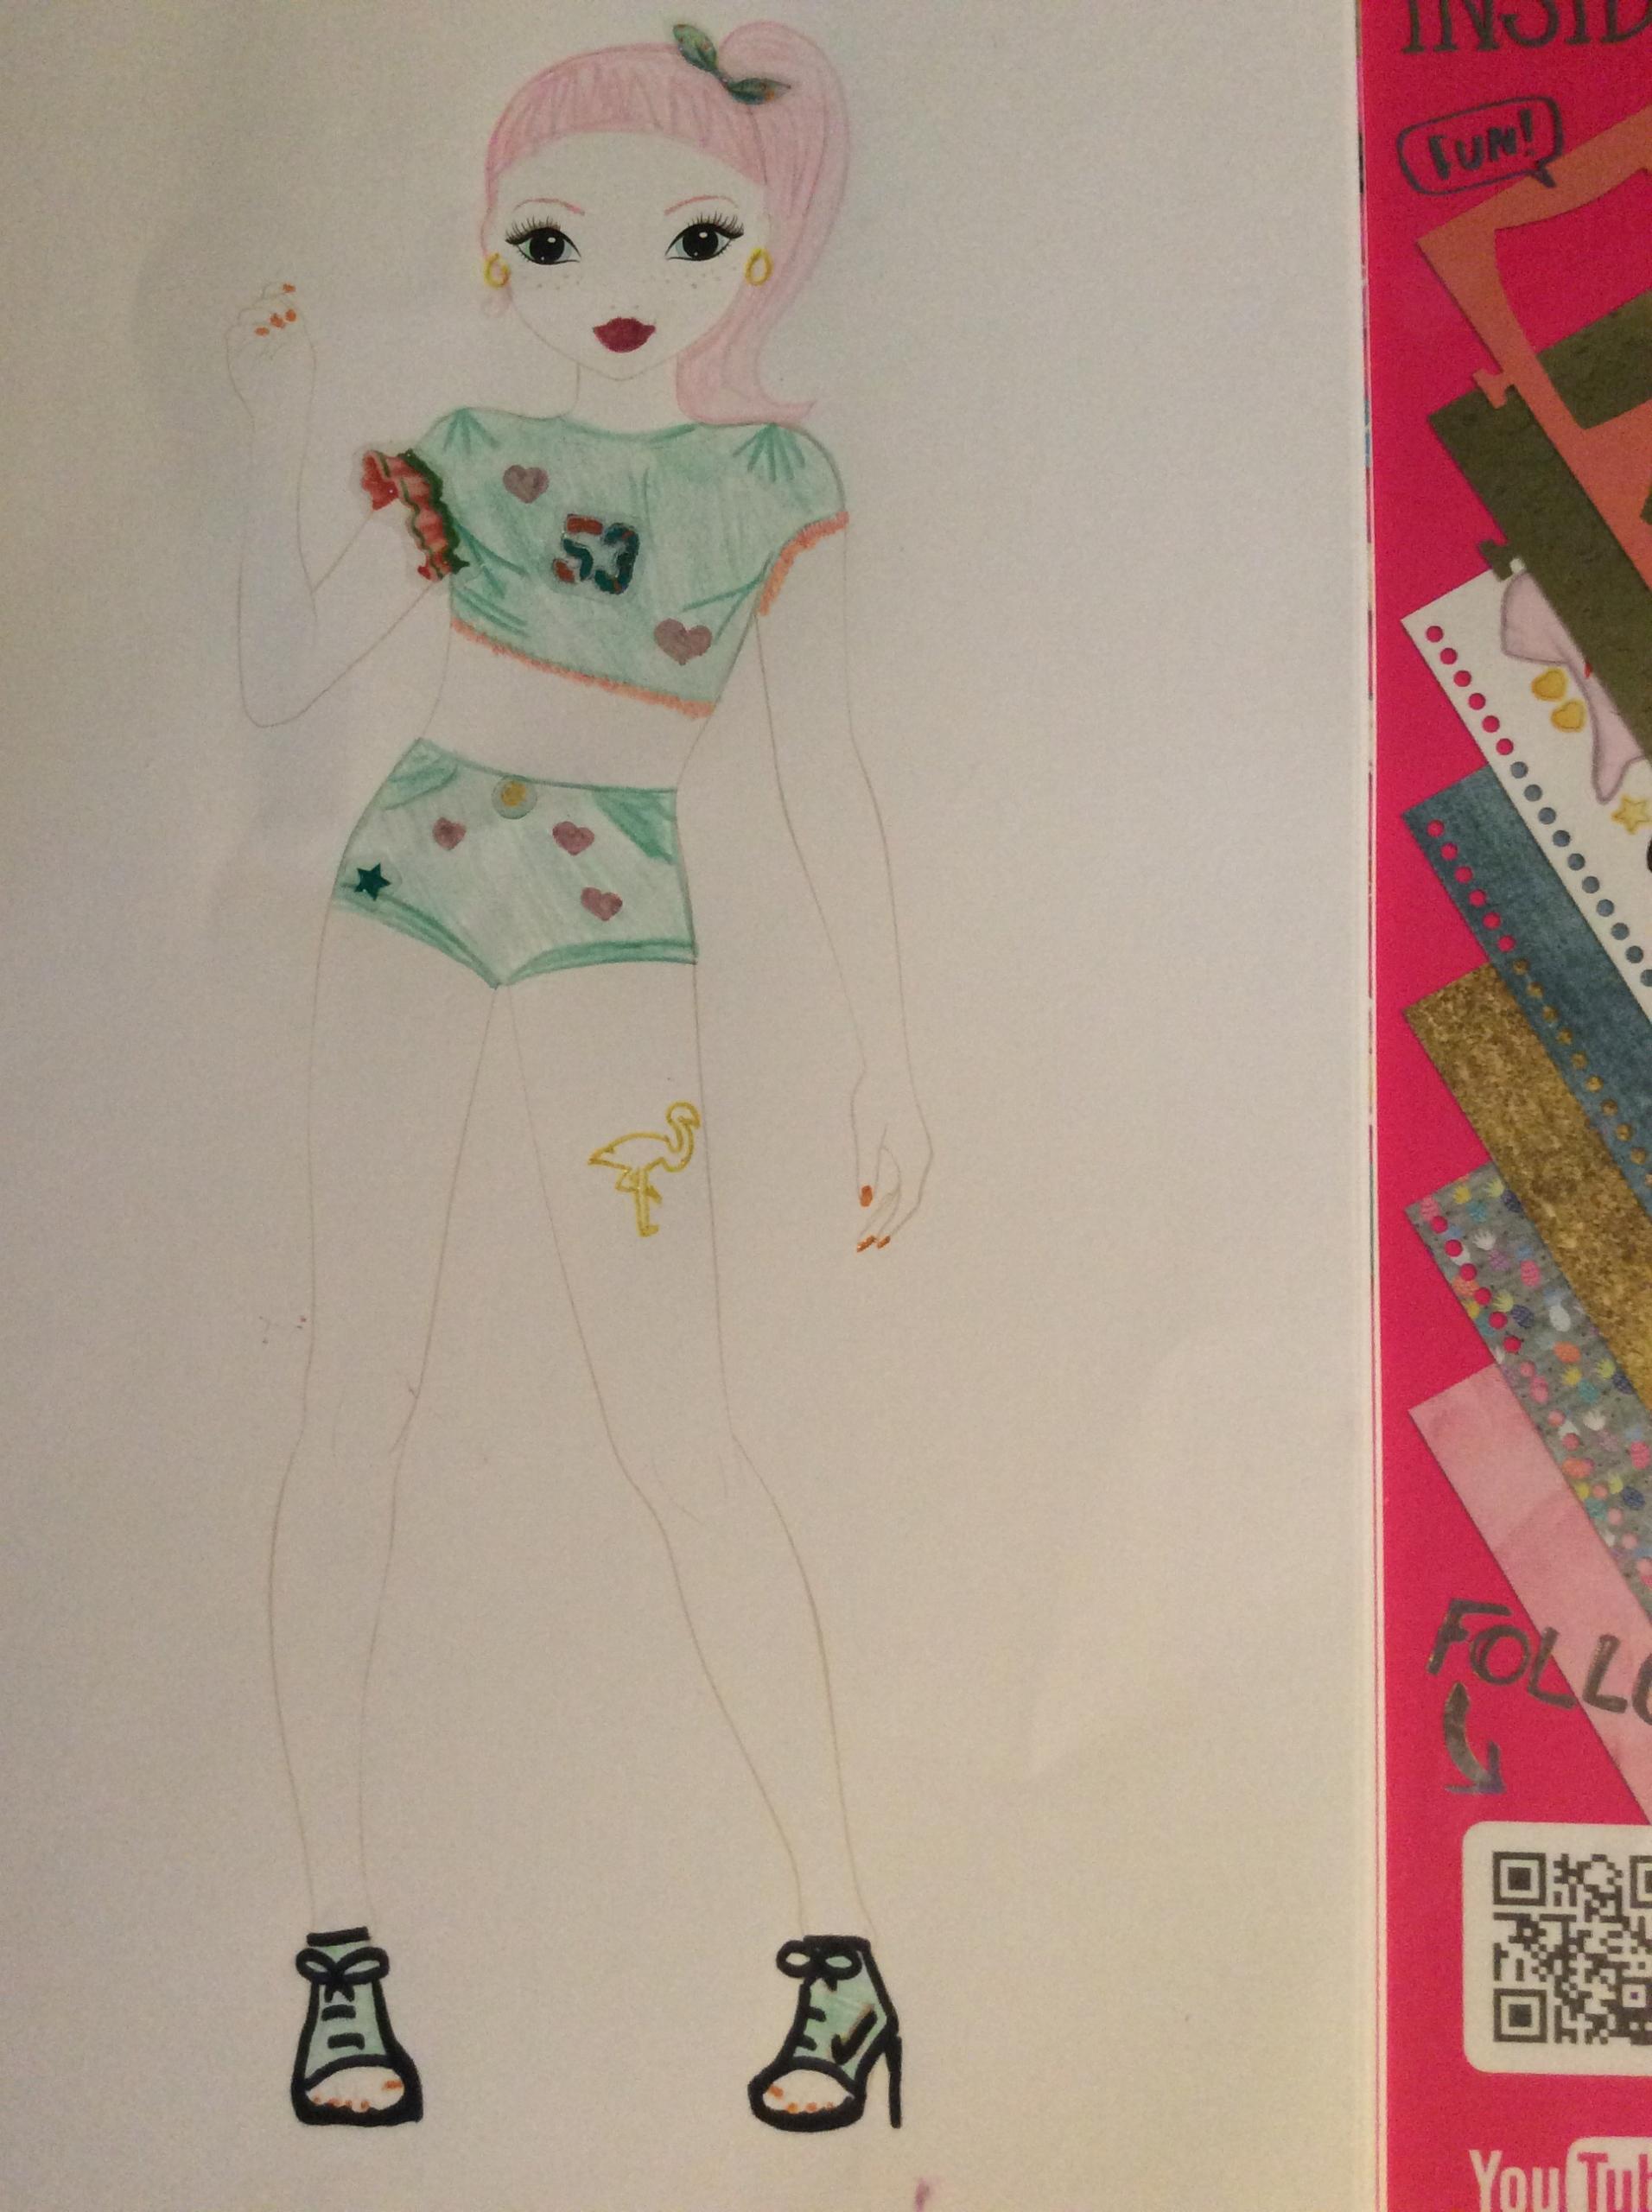 mélissa b., 10 ans, sur Bordeaux